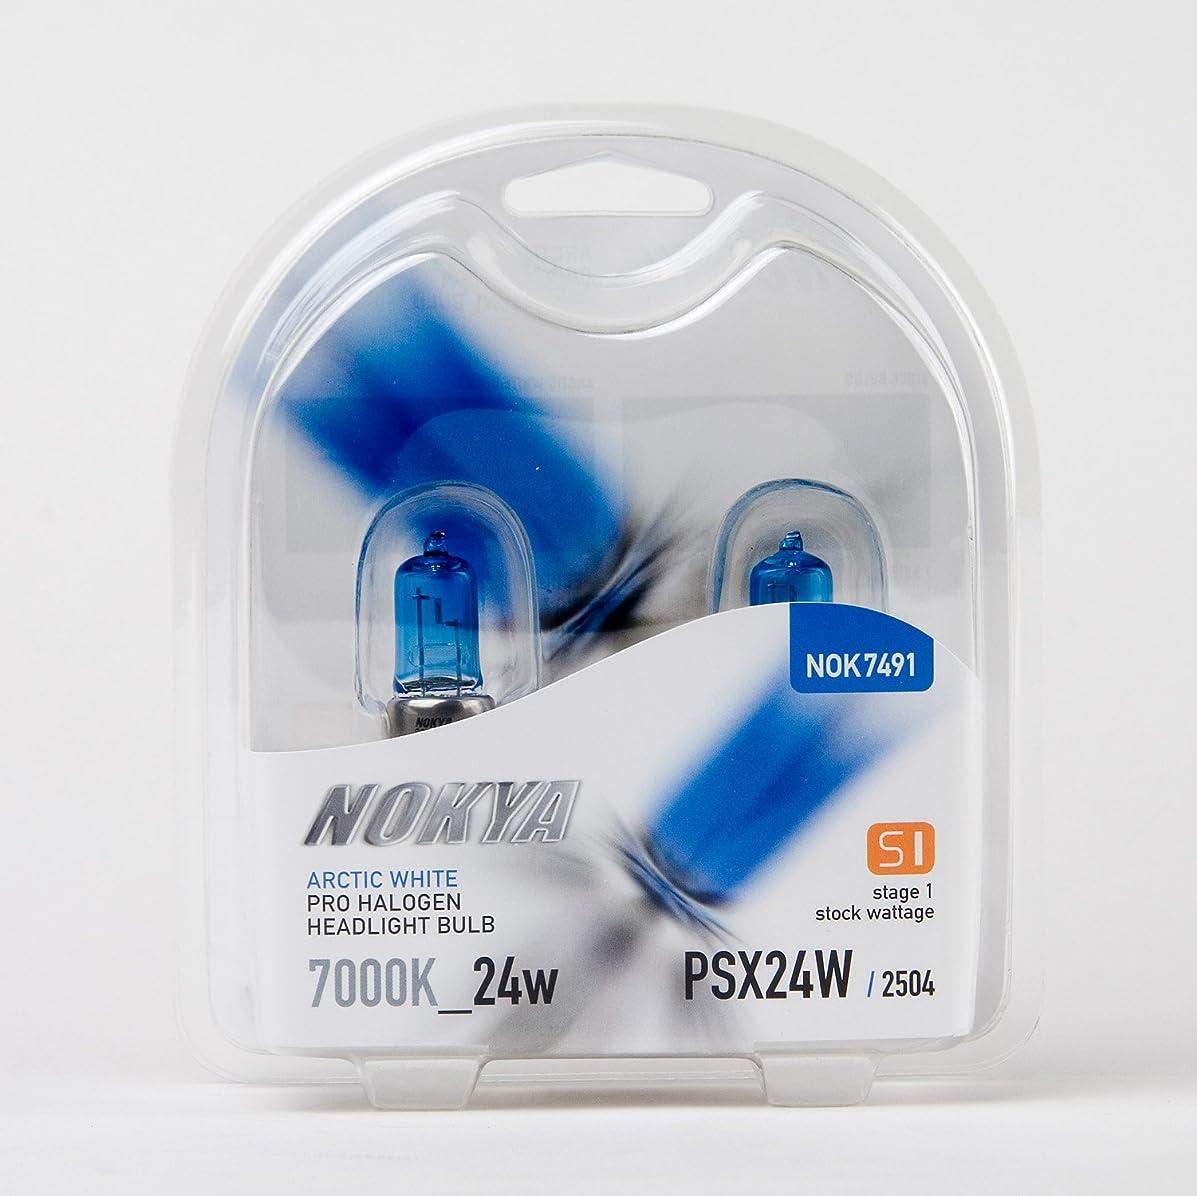 Nokya PSX24W 2504 Fog Light Bulbs — Arctic White 7000K 24W (Stage 1) NOK7491